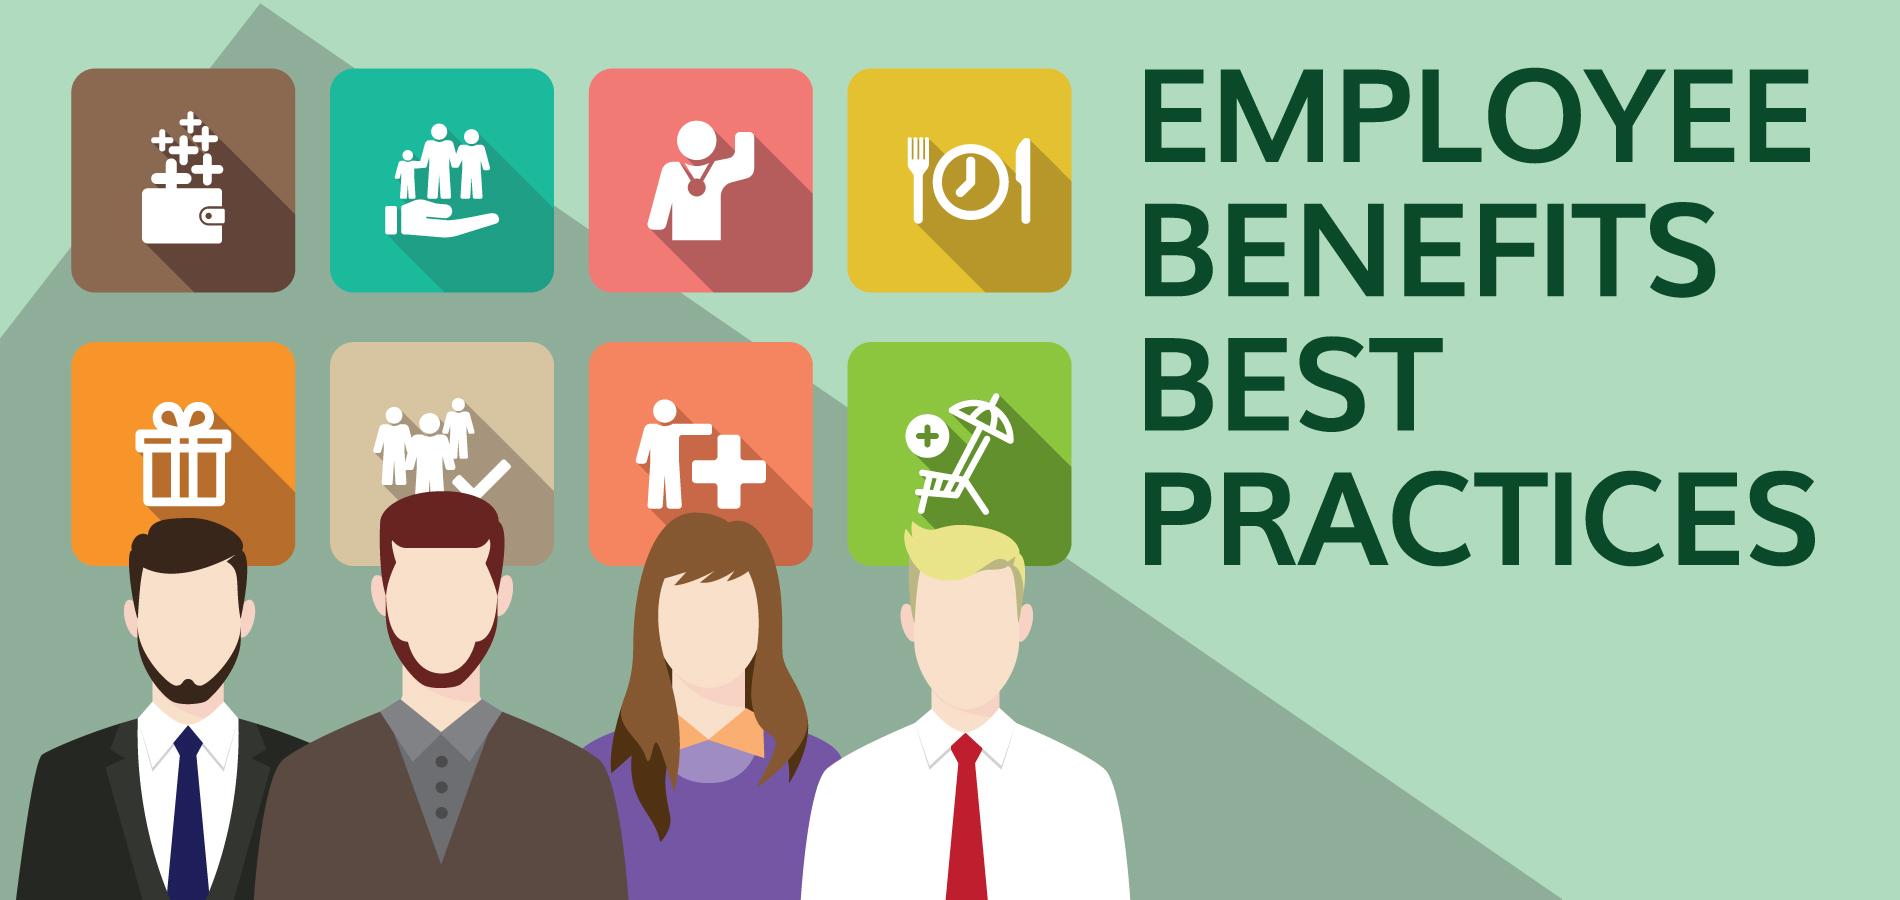 Employee benefits best practices